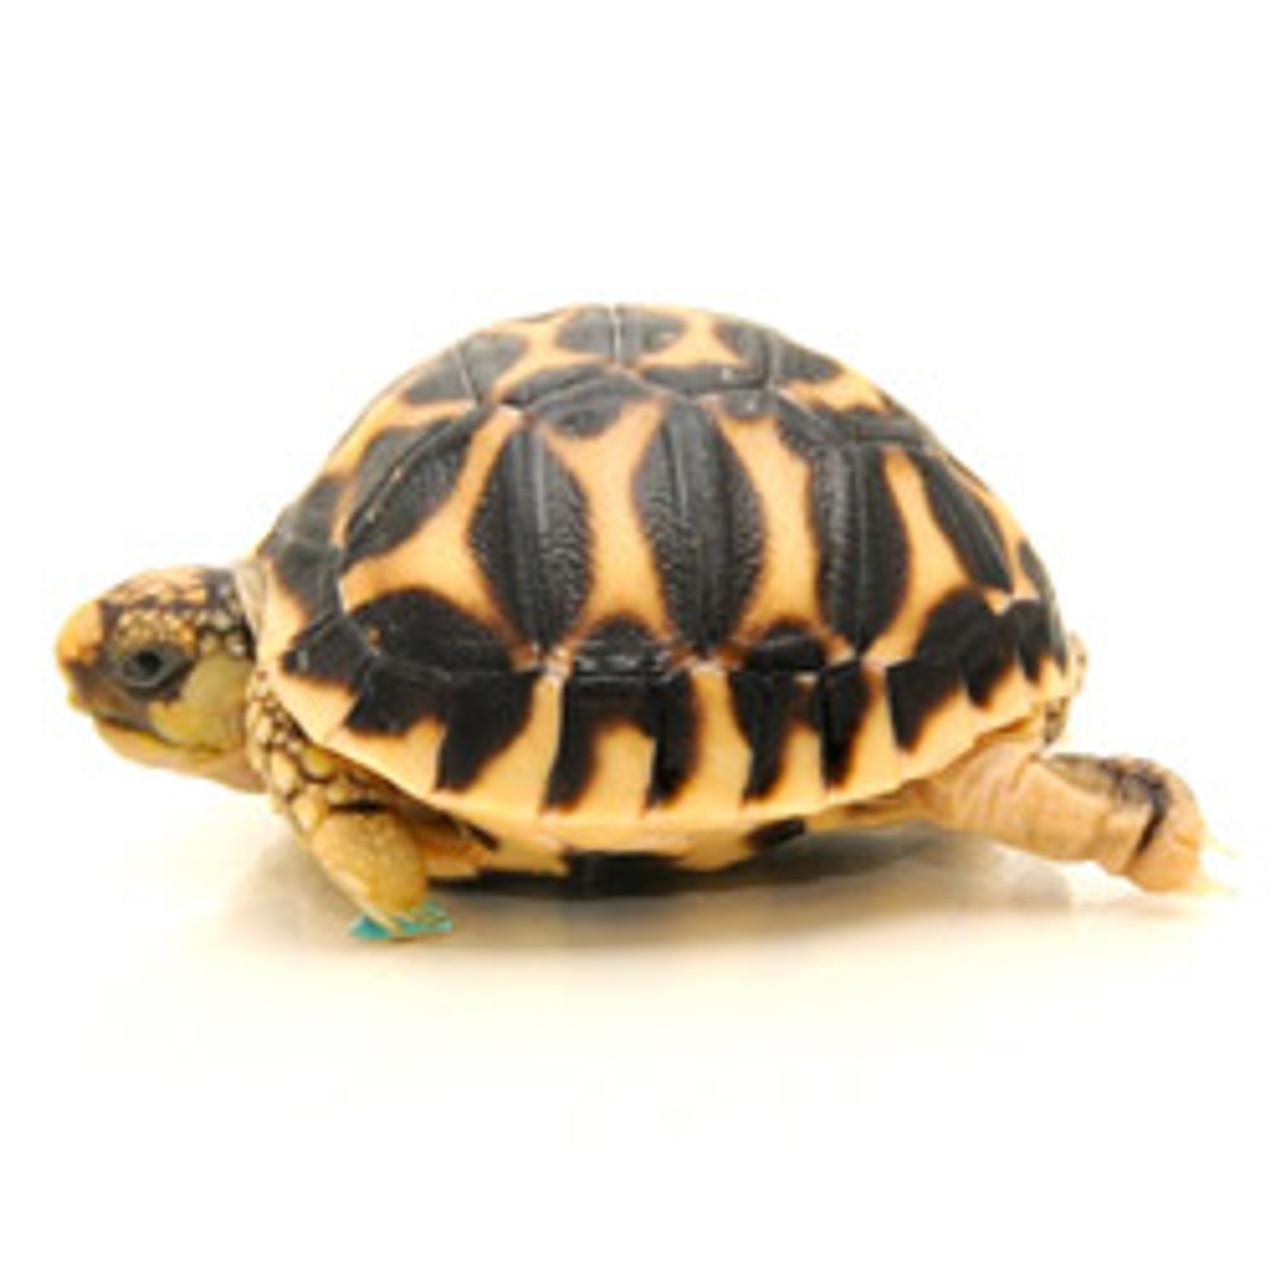 Star Tortoise (Geochelone elegans)